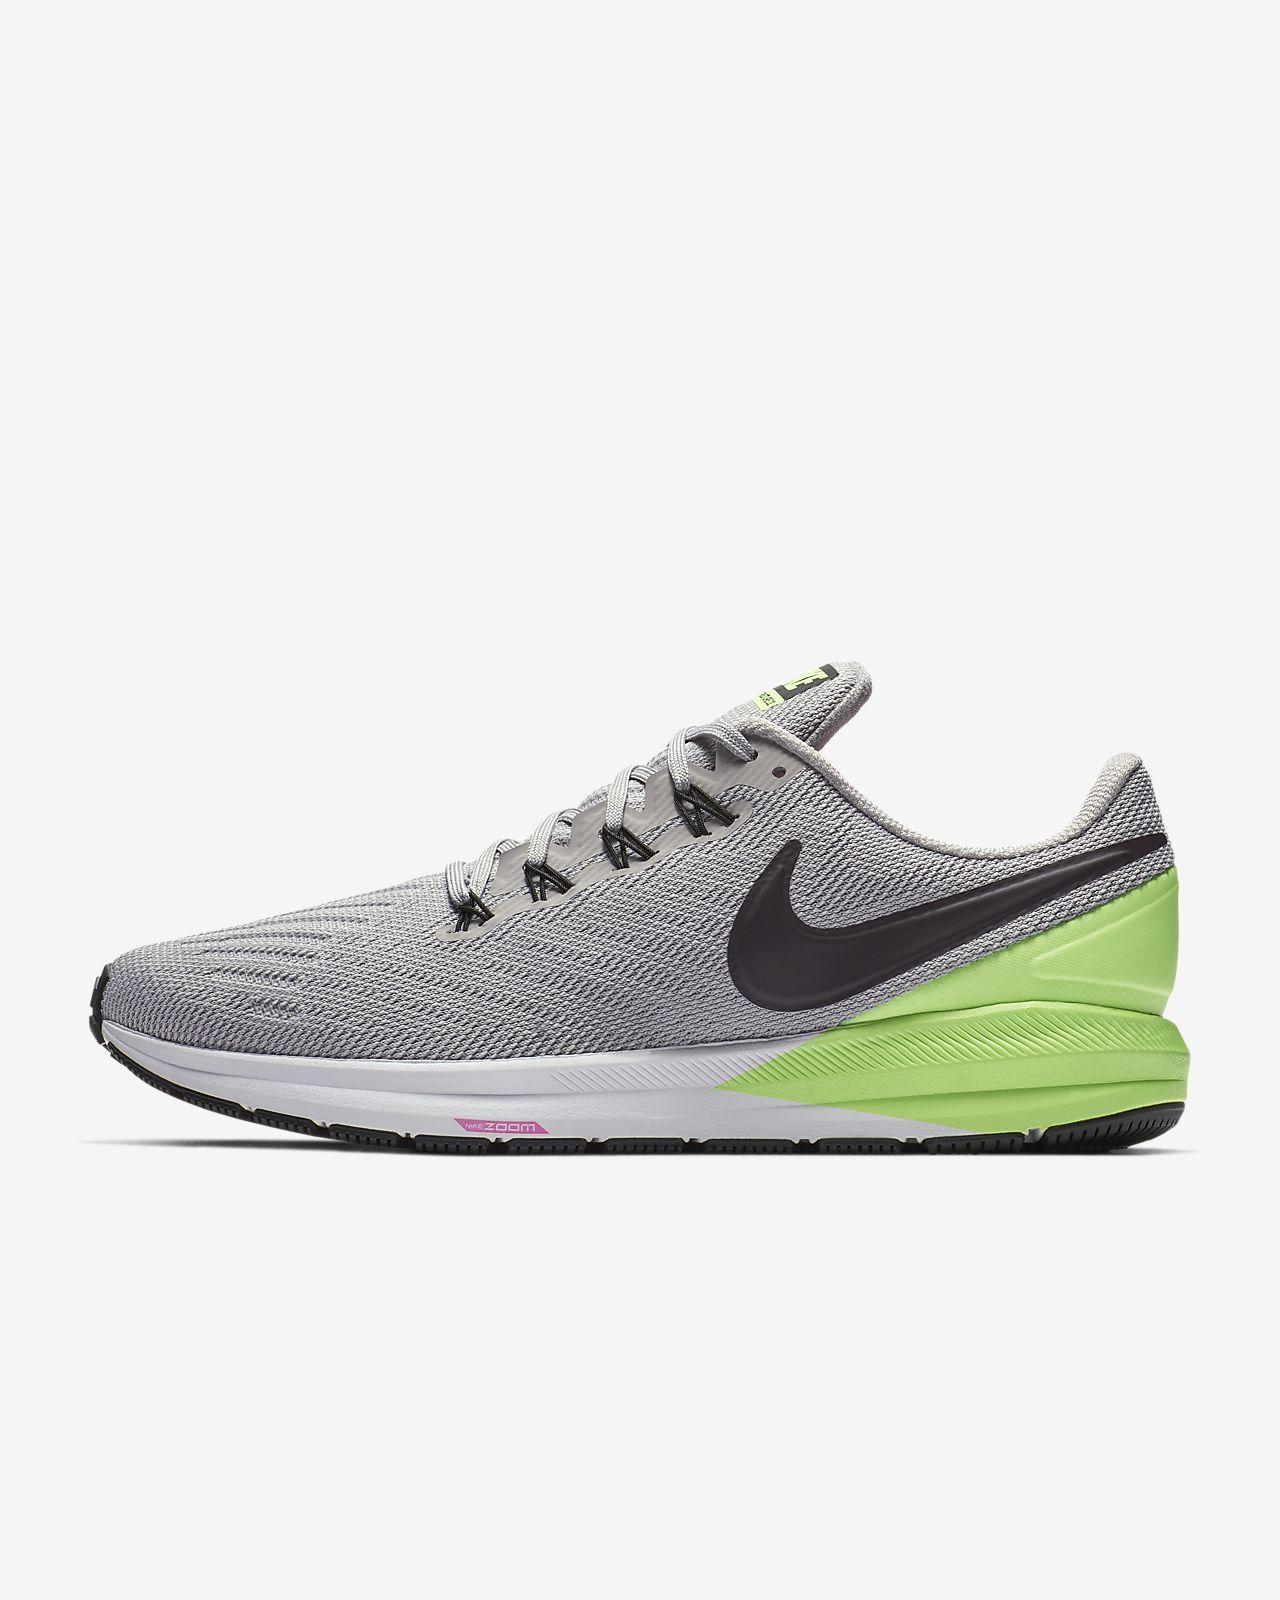 online retailer 0e5e7 2b579 Nike Air Zoom Structure 22 - løbesko til mænd